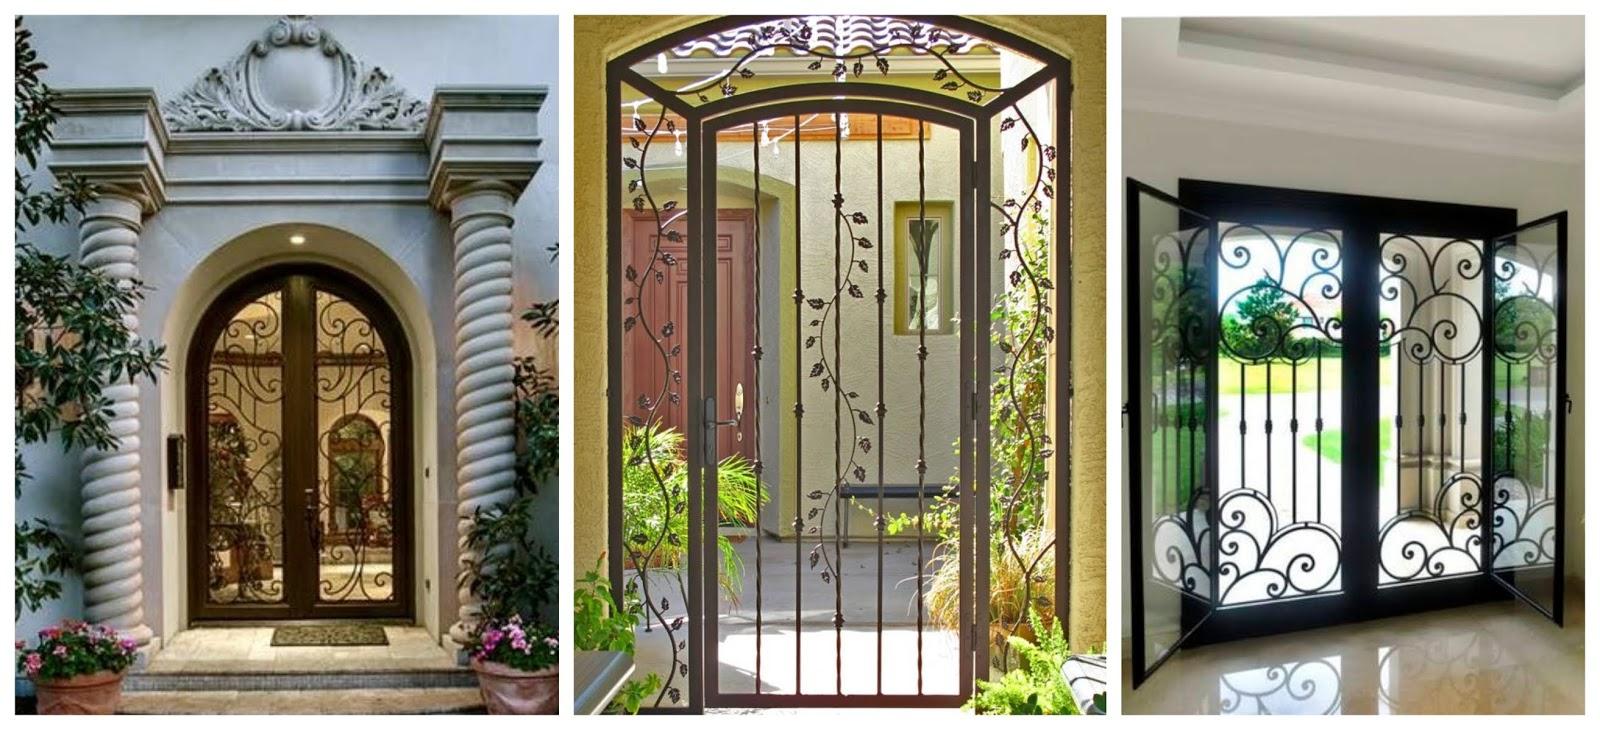 15 ideas de portones y rejas decorativos para tu casa - Rejas decorativas ...